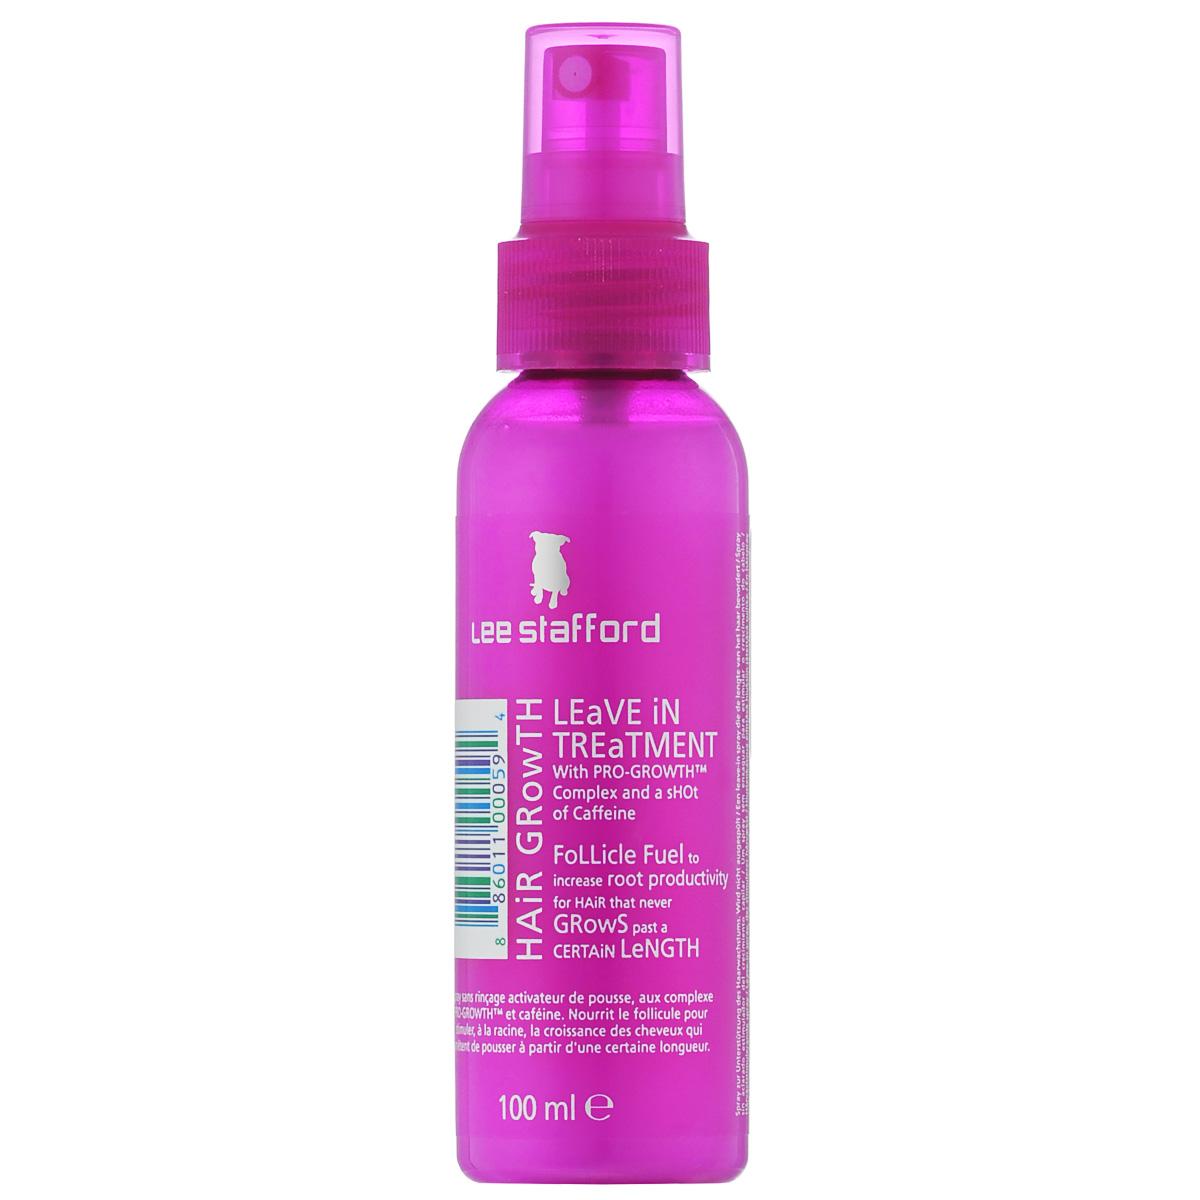 Lee Stafford Сыворотка для роста волос Hair Growth, 100 мл768865200224 Lee Stafford HairGrowthLeaveInTreatment,сывороткадляроставолос, 100мл. Сыворотка улучшает рост волос, воздействуя на циркуляцию крови, делает волосы более прочными, уменьшает их потерю, увеличивает объем и уменьшает раздражение кожи головы от воздействия продуктов стайлинга.